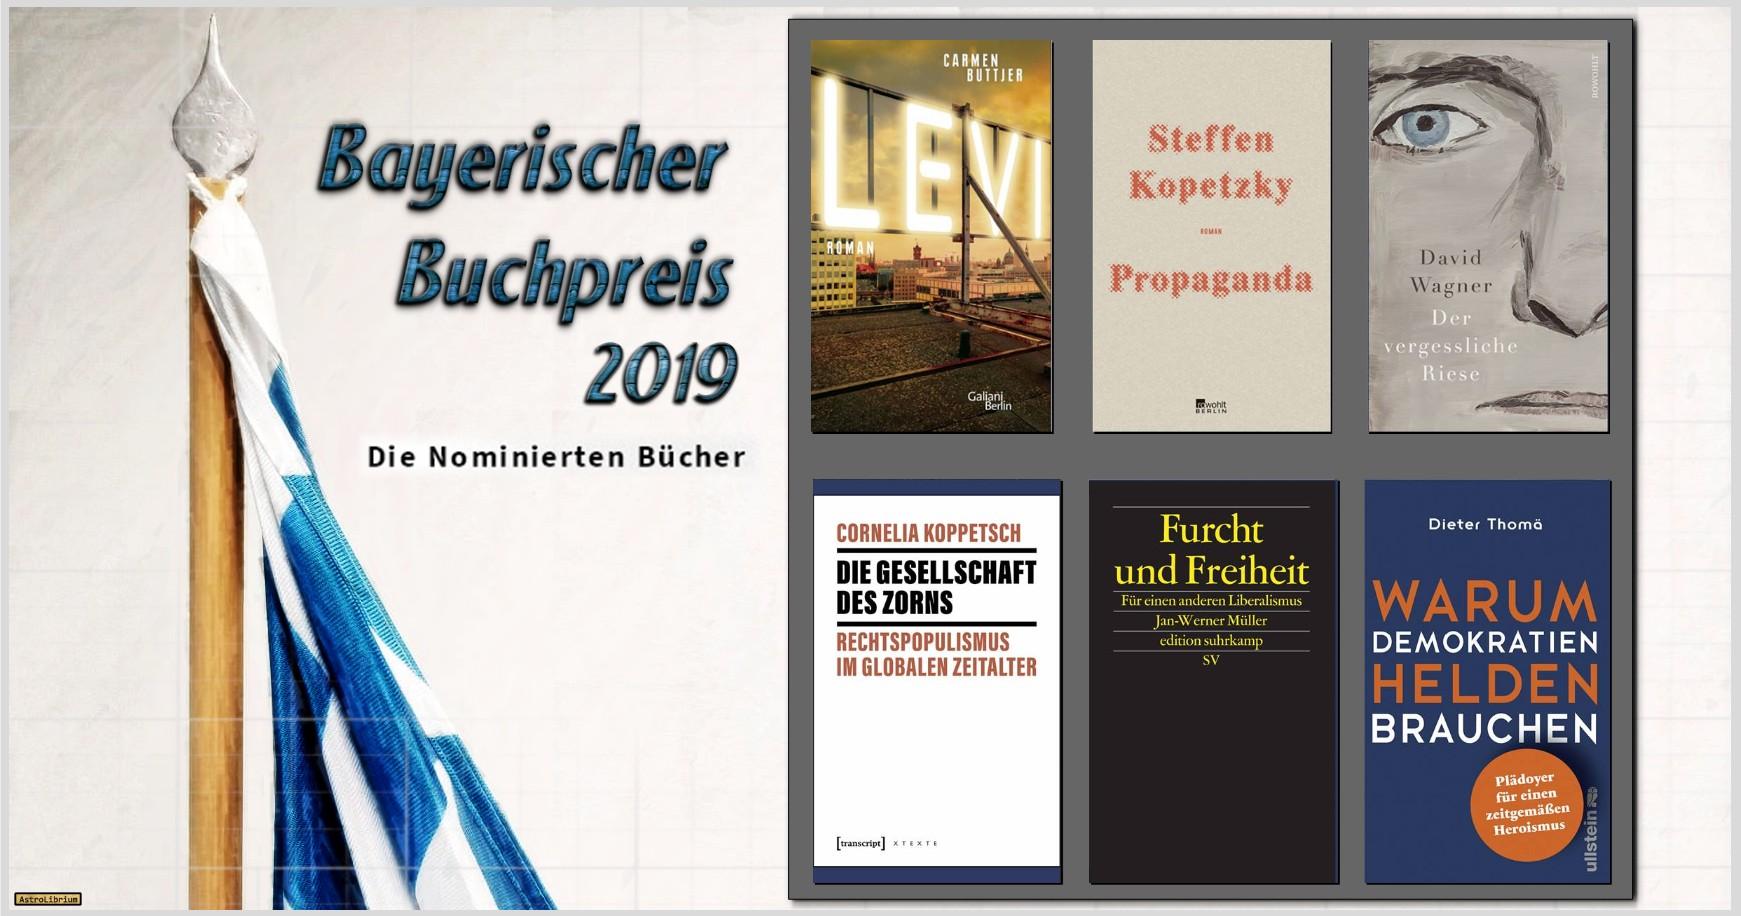 Bayerischer Buchpreis 2019 - Die nominierten Bücher - AstroLibrium